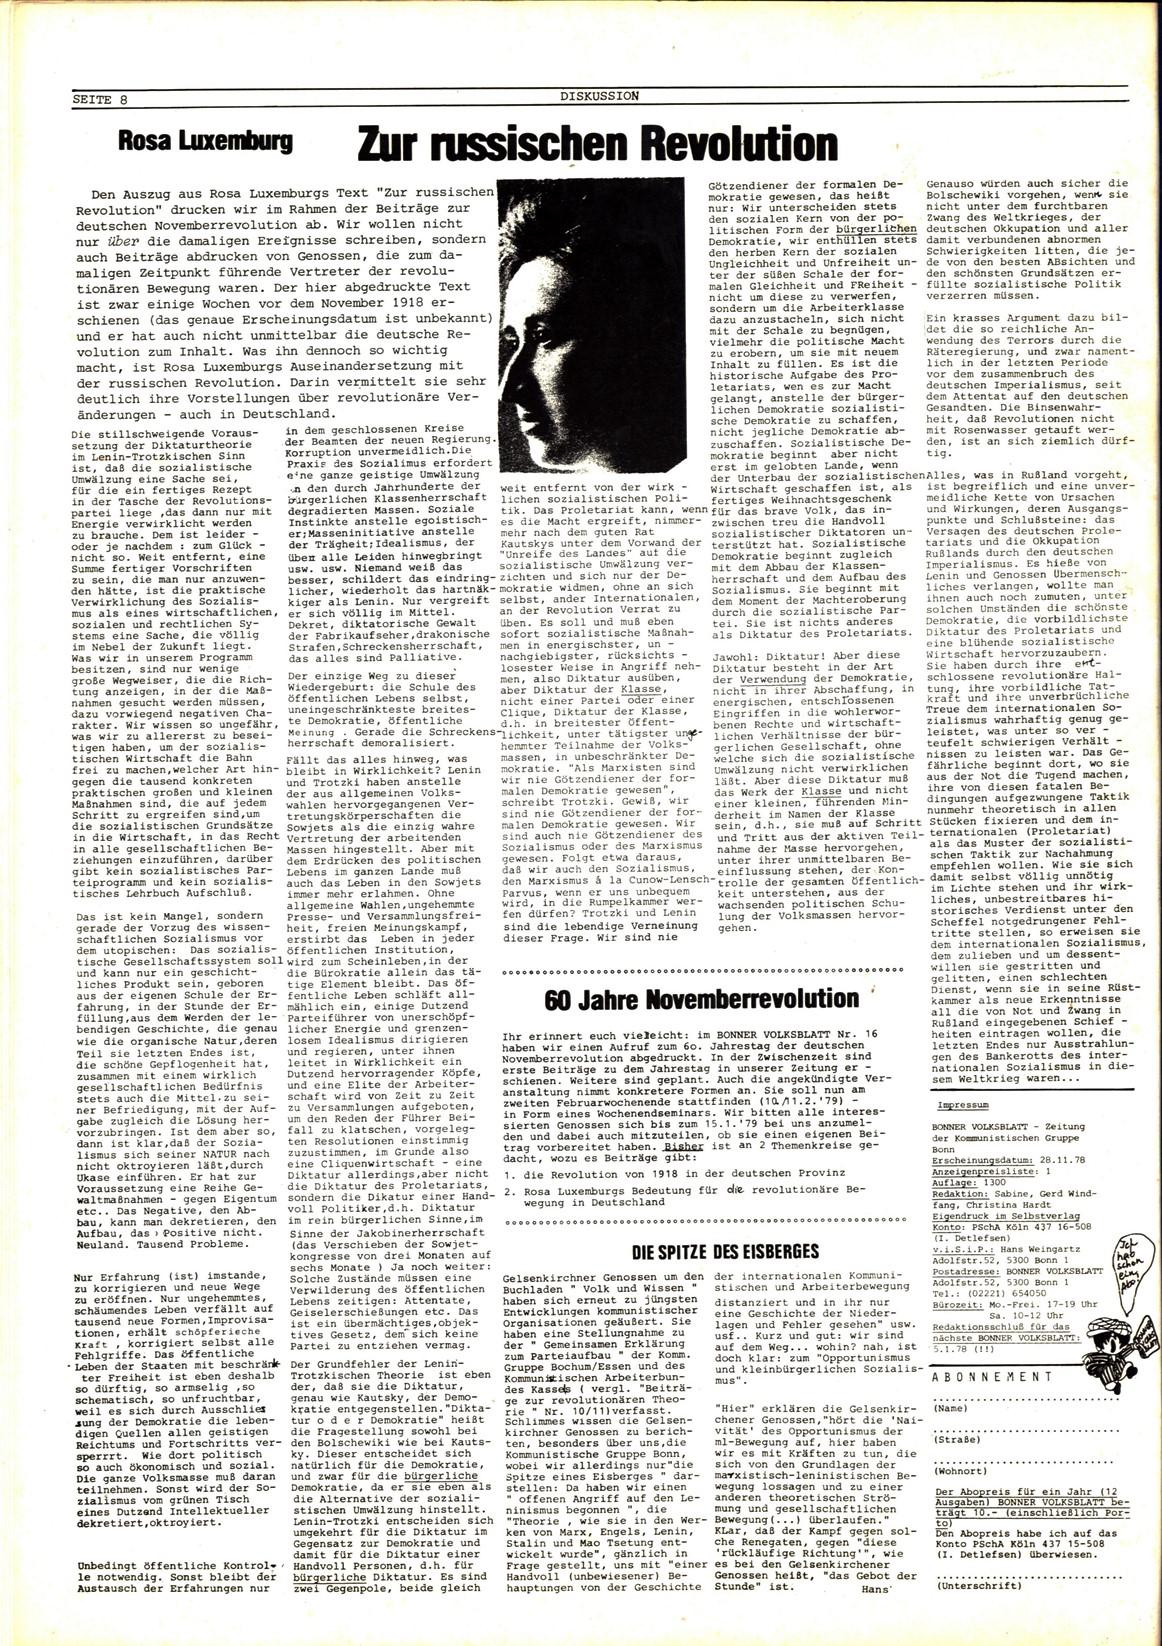 Bonner_Volksblatt_19_19781128_08